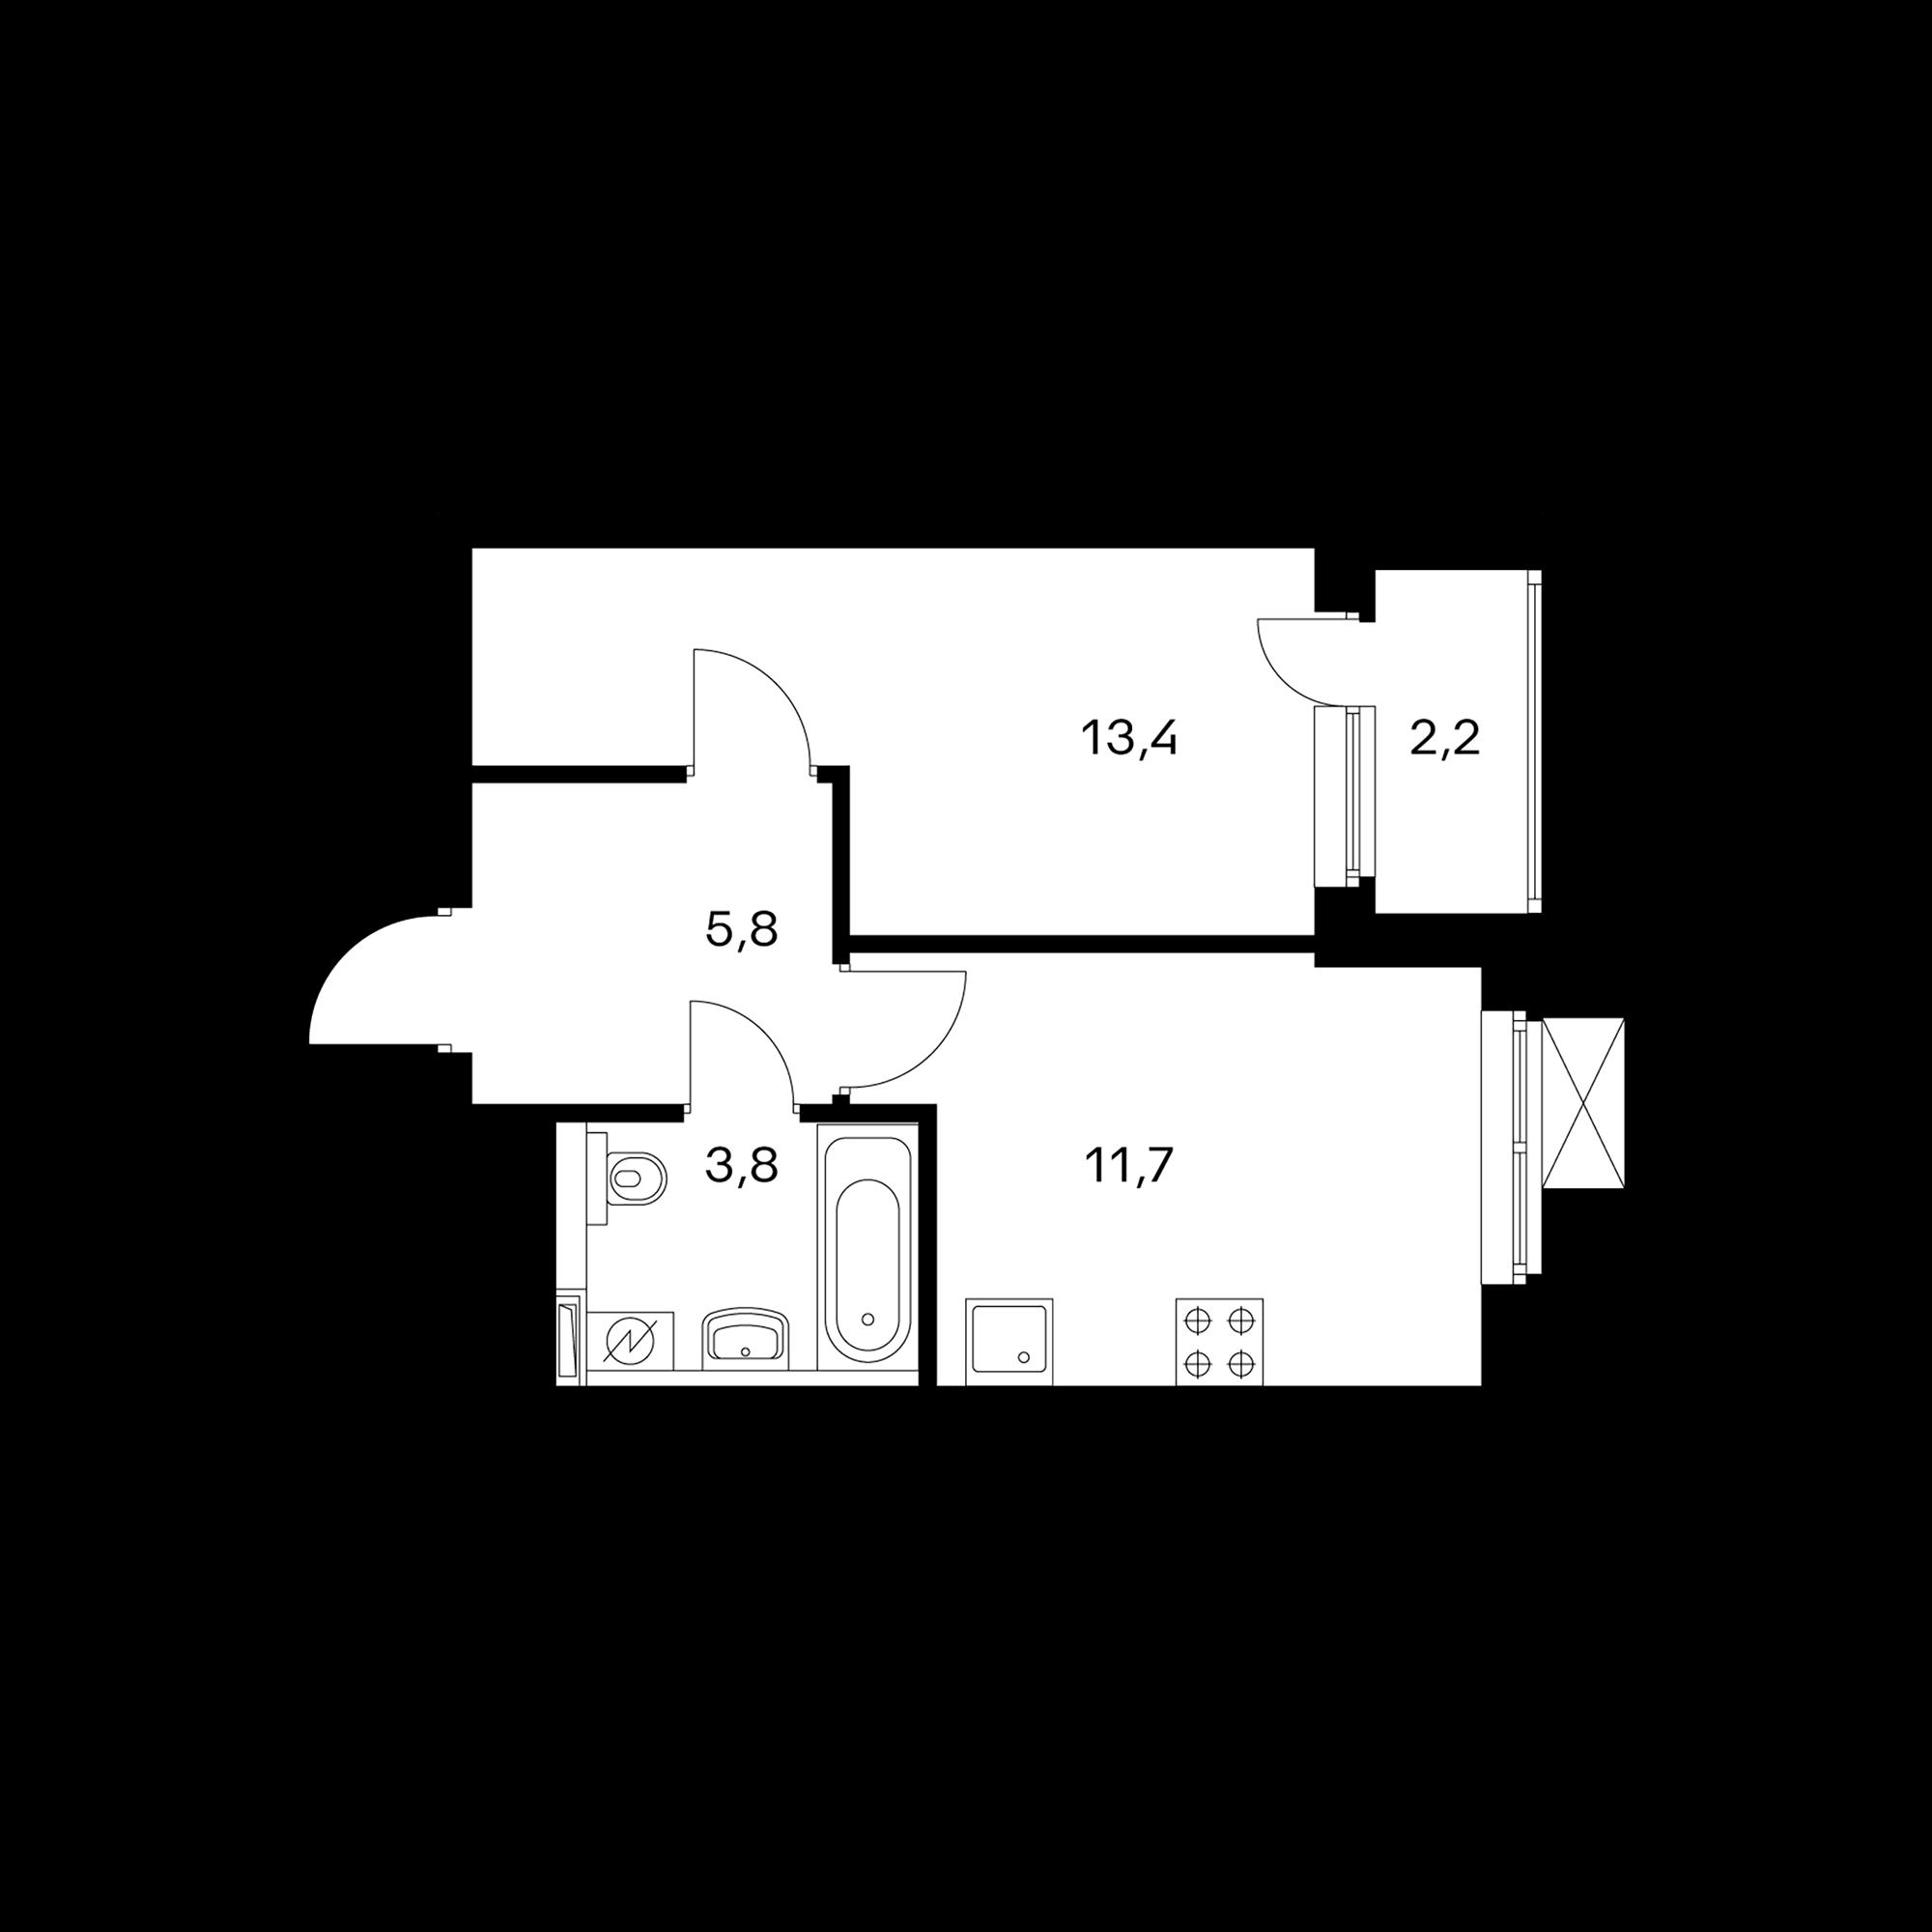 1KS1_6.0-1_S_AL